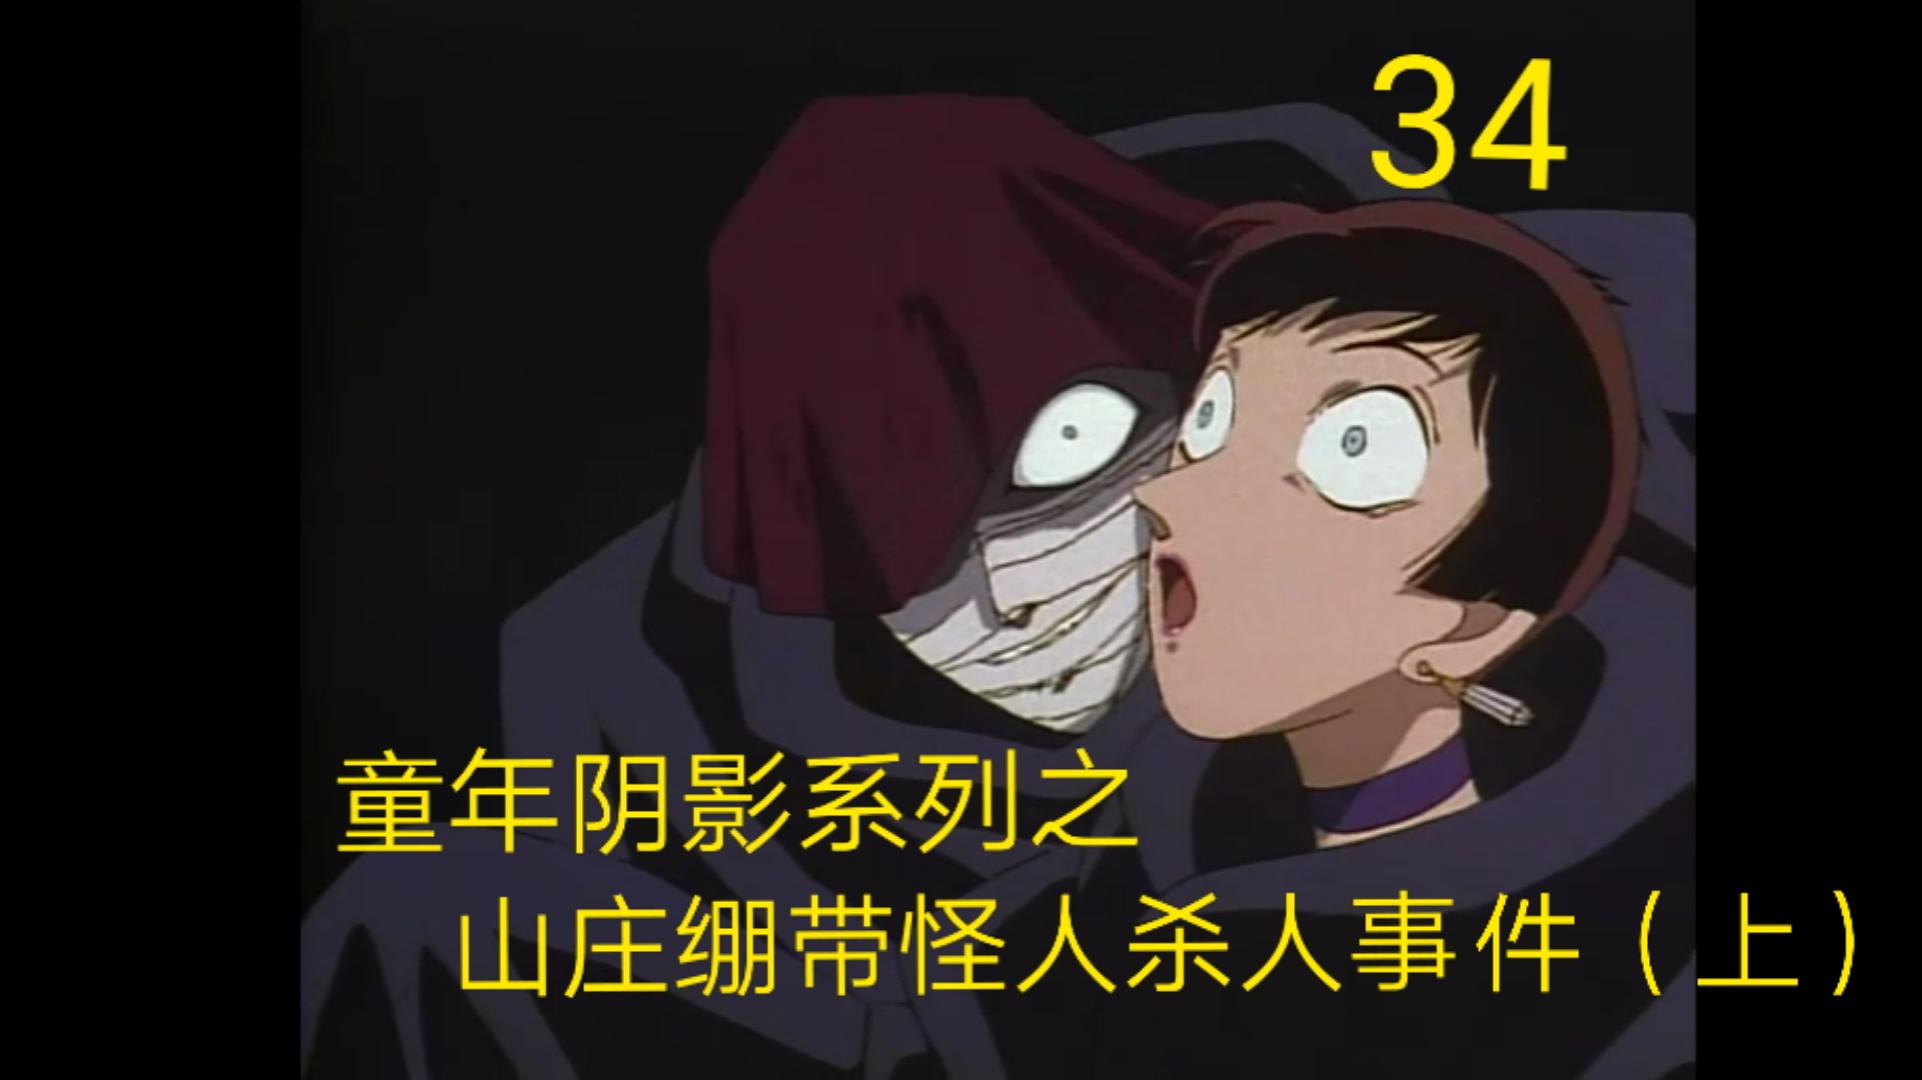 【名侦探柯南34】作案手法极其残忍,花季少女惨遭分尸!